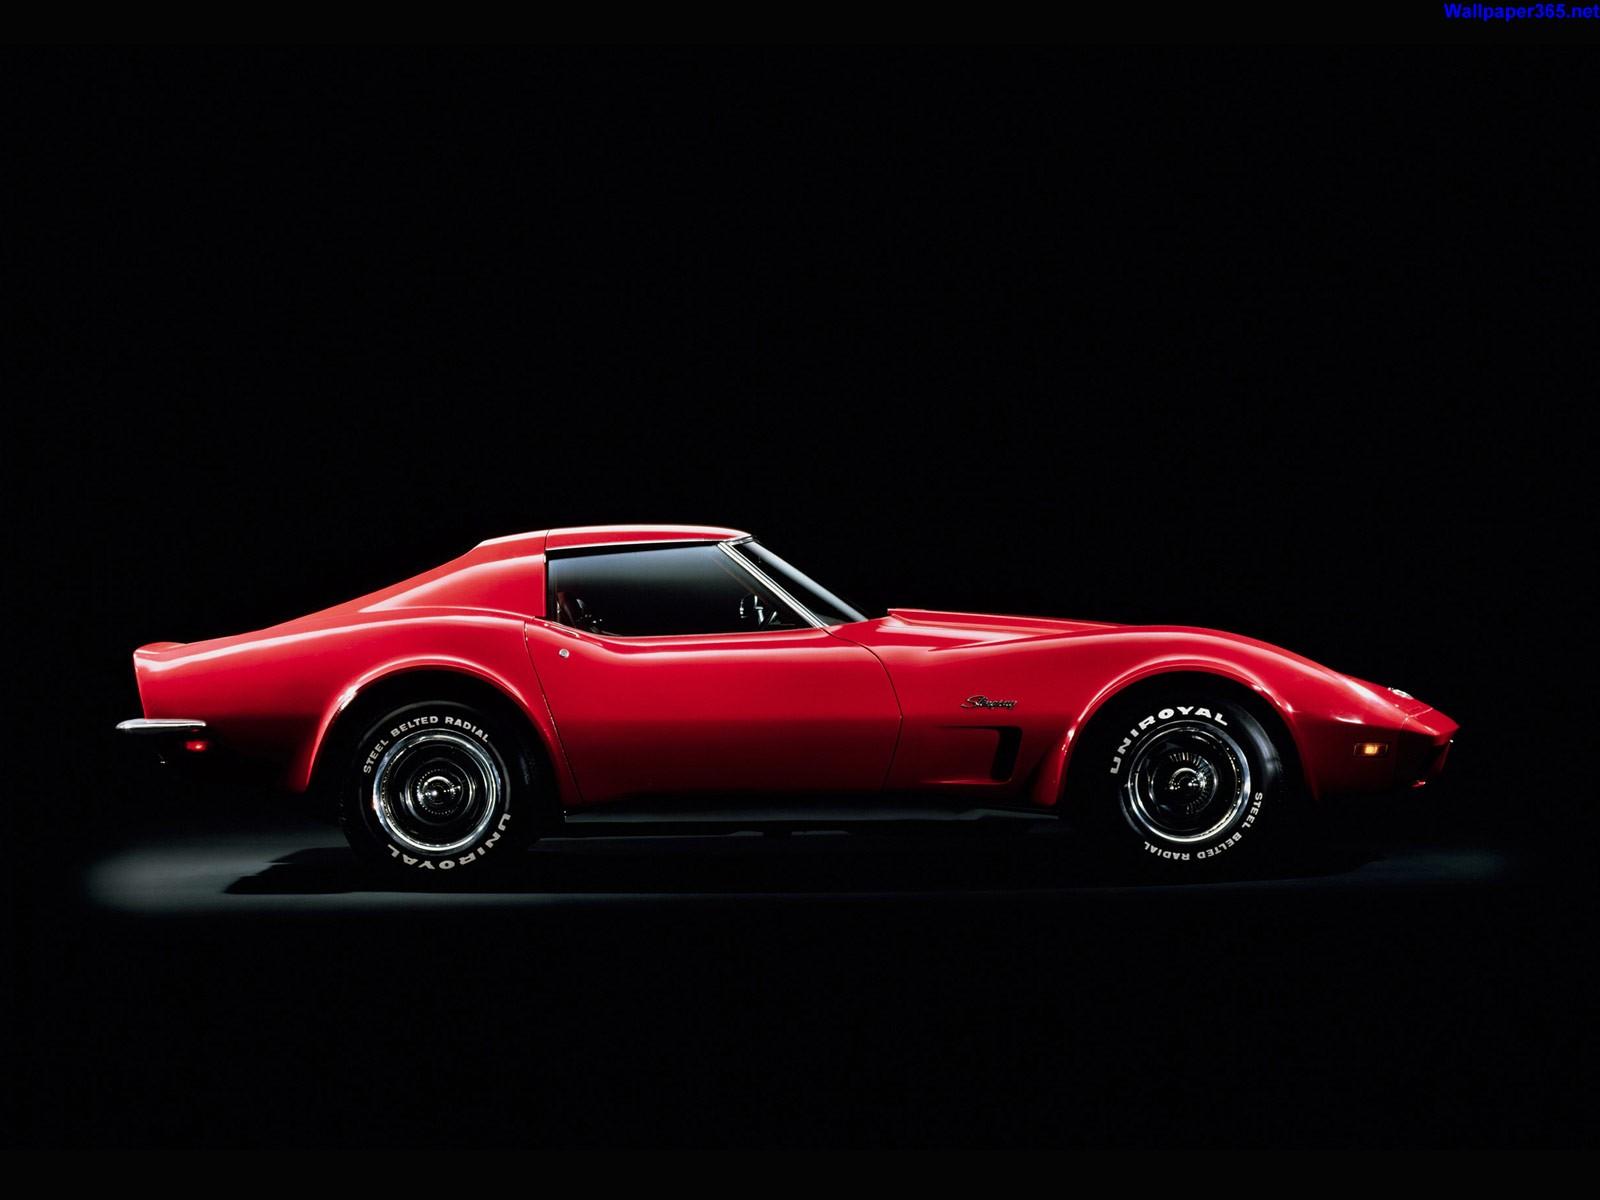 http://2.bp.blogspot.com/-CjoLXVJ0rIY/TpzaKSTXdsI/AAAAAAAAAfM/zb9e-0-hAwk/s1600/Chevrolet+Corvette+%252813%2529.jpg